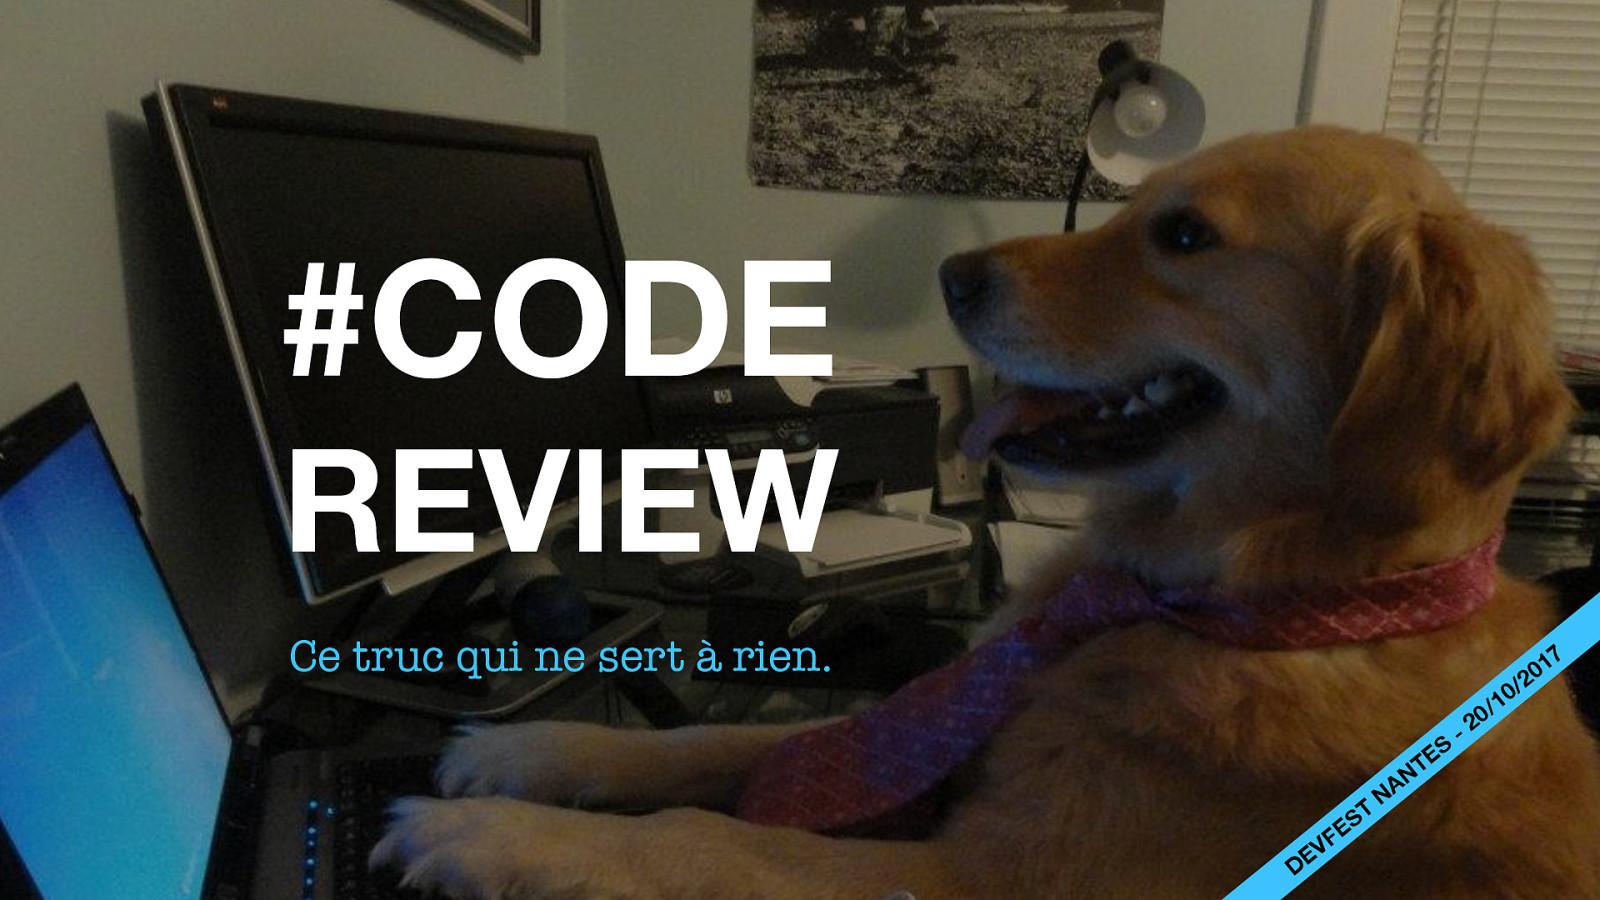 Code review, ce truc qui ne sert à rien.